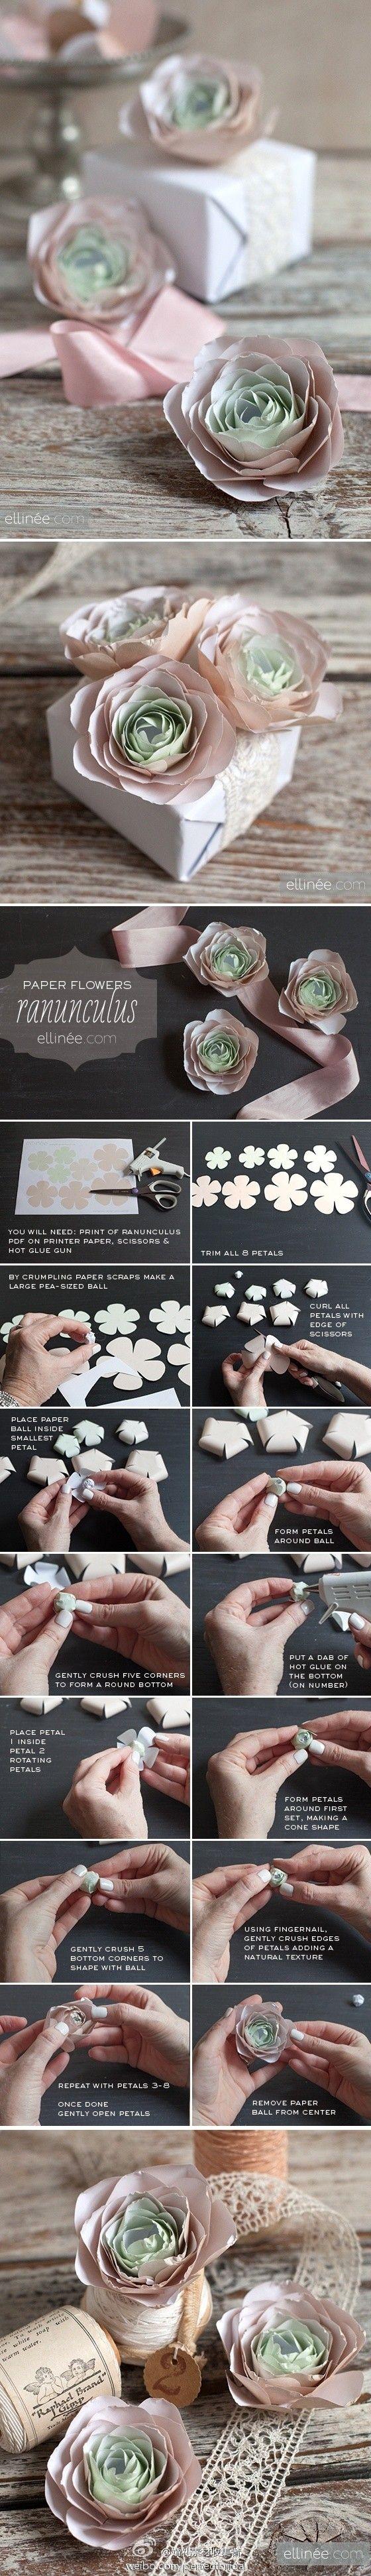 Romantische Papierblumen